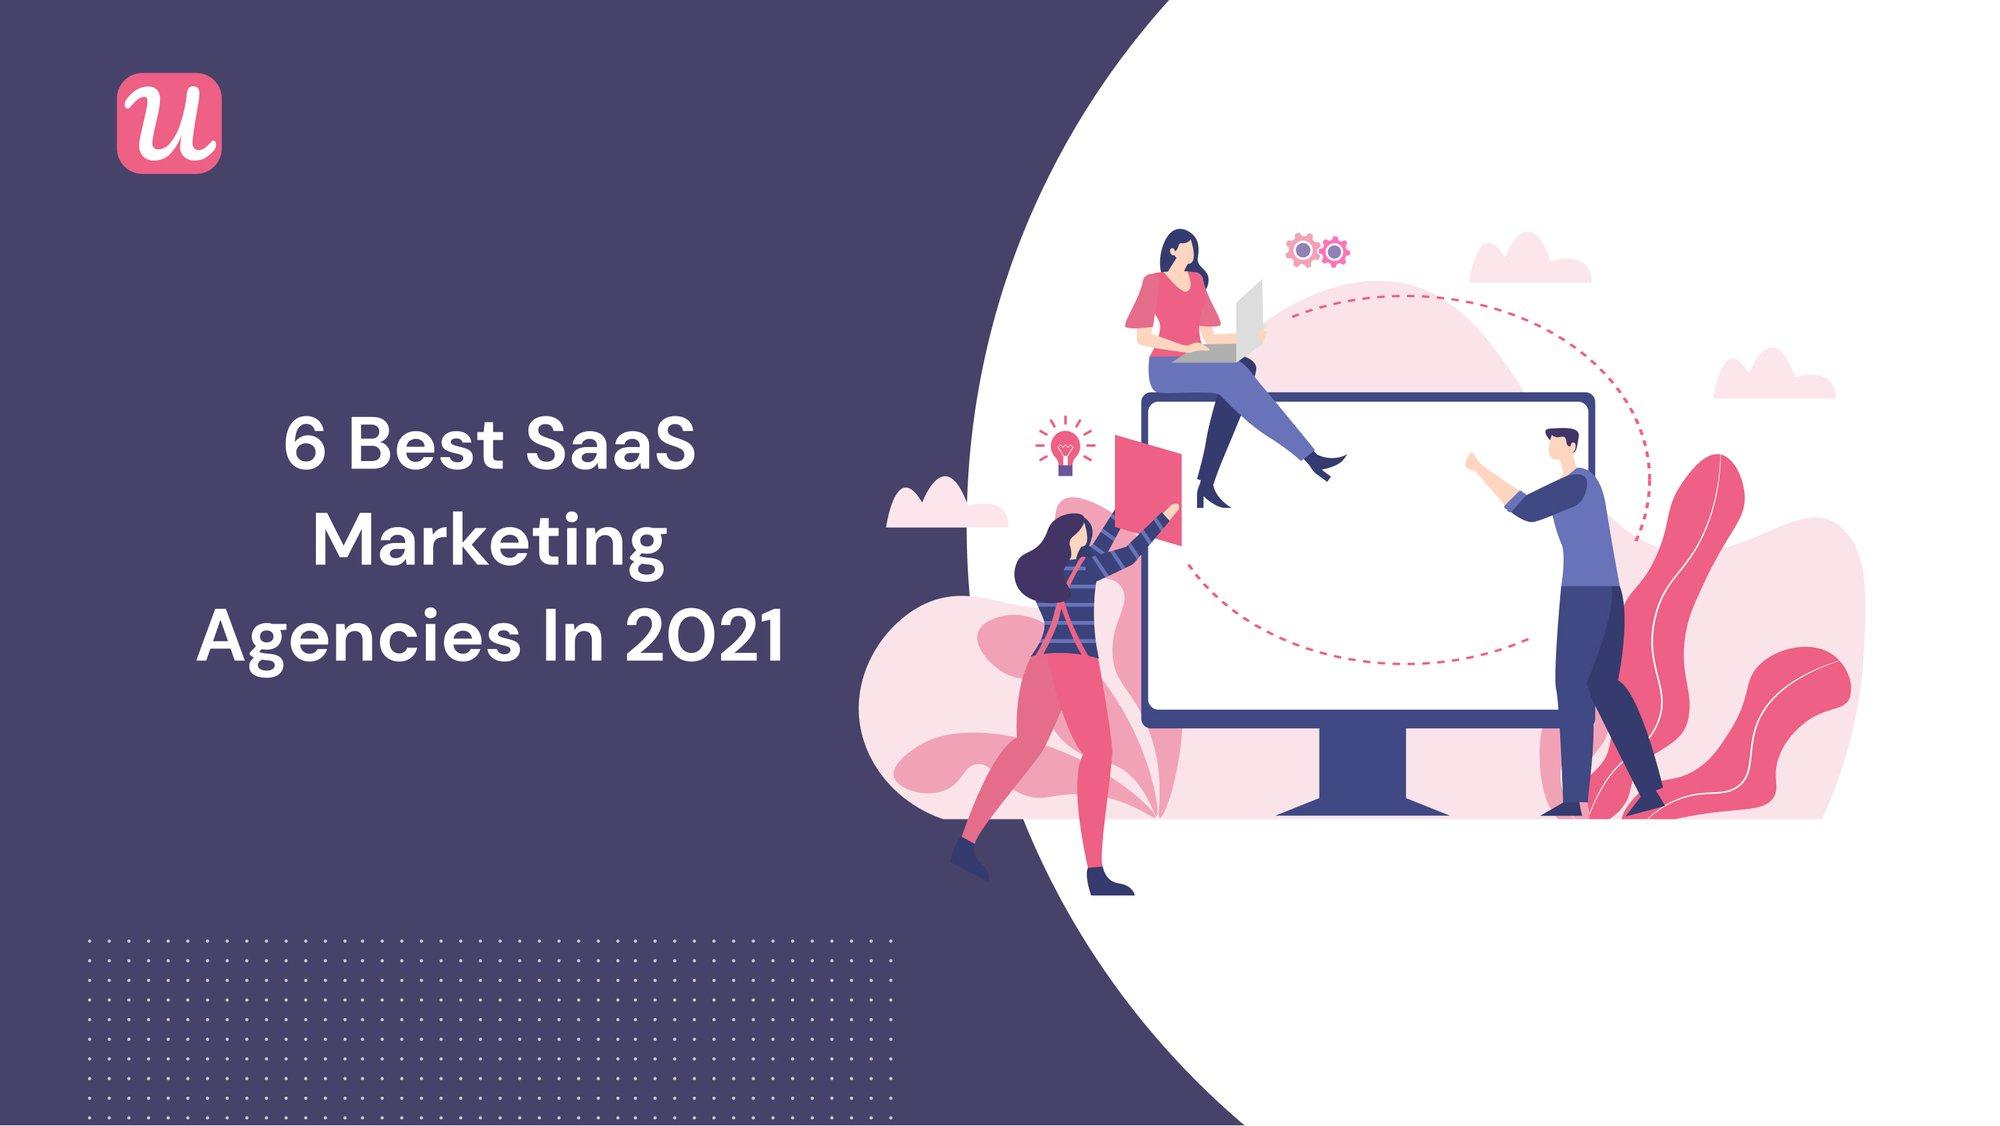 The 6 Best SaaS Marketing Agencies in 2021